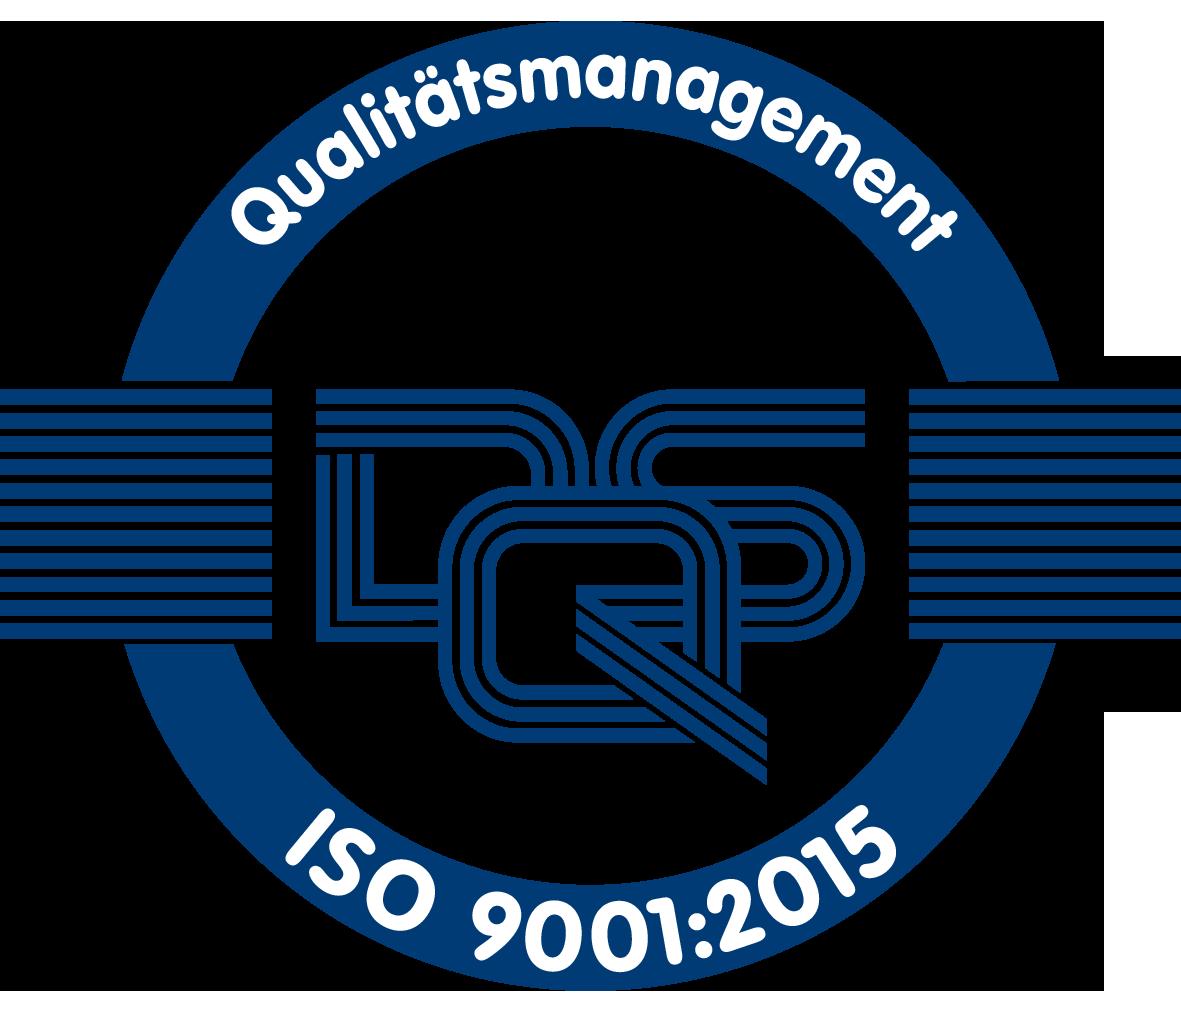 Optomechanics, Optoelectronics & Engineering company